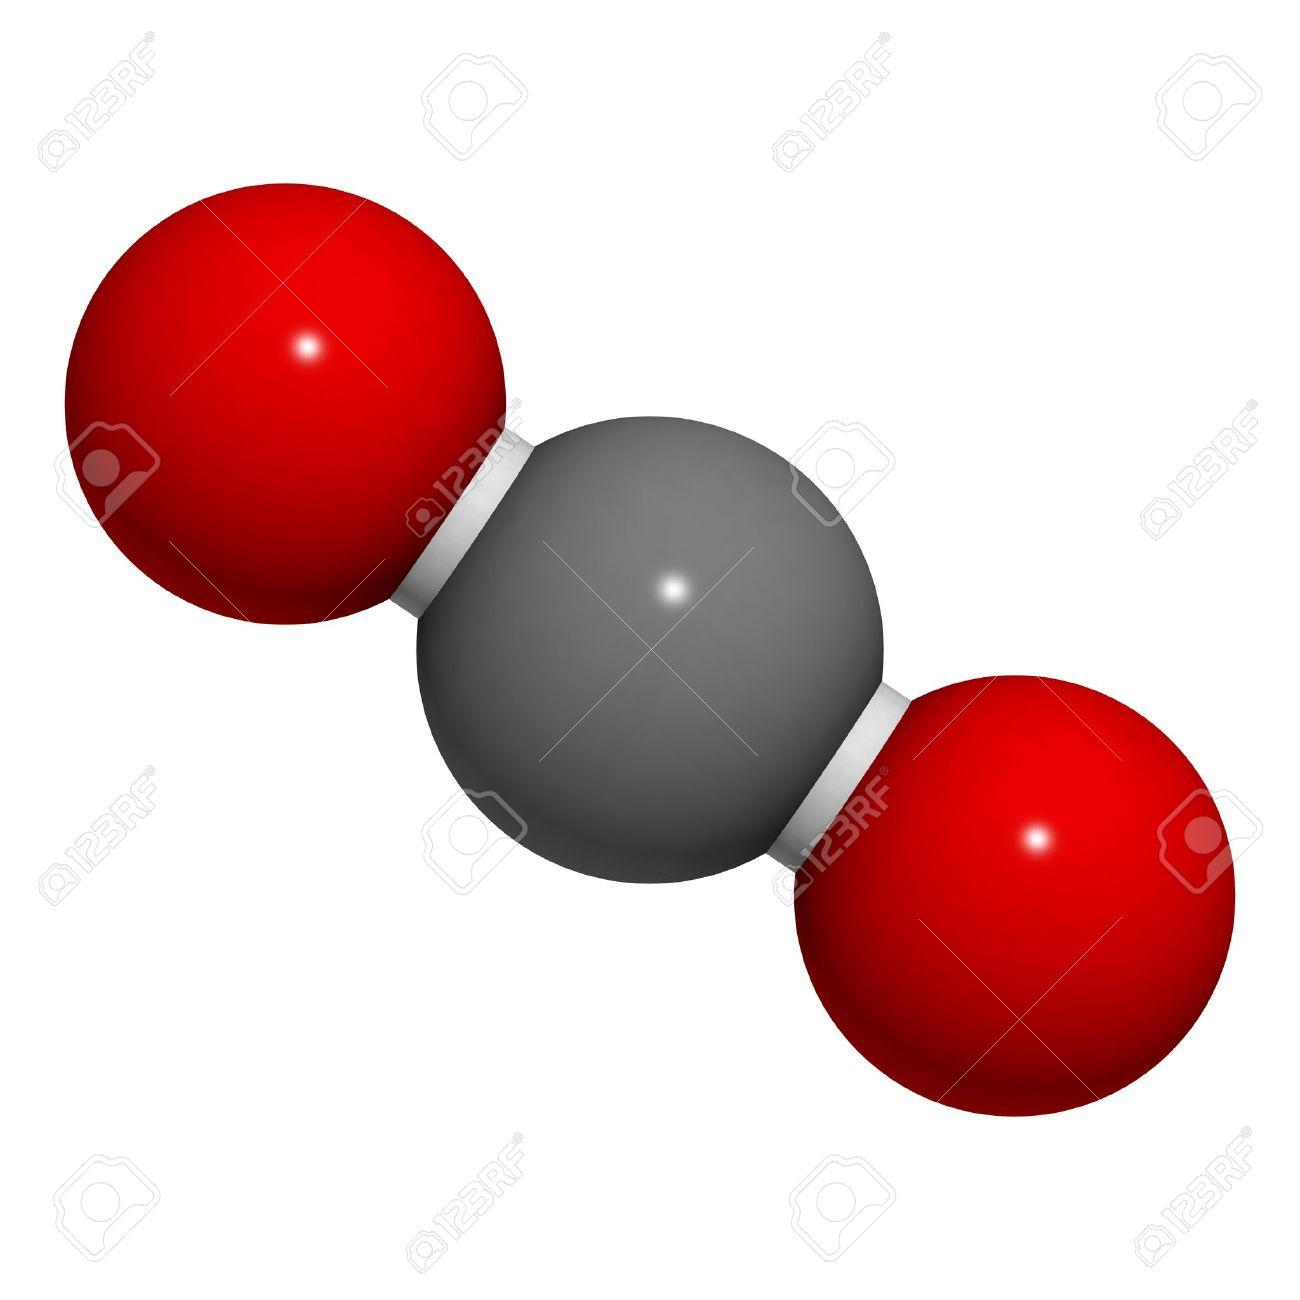 二酸化炭素 co2 の分子の化学構造 ロイヤリティーフリーフォト